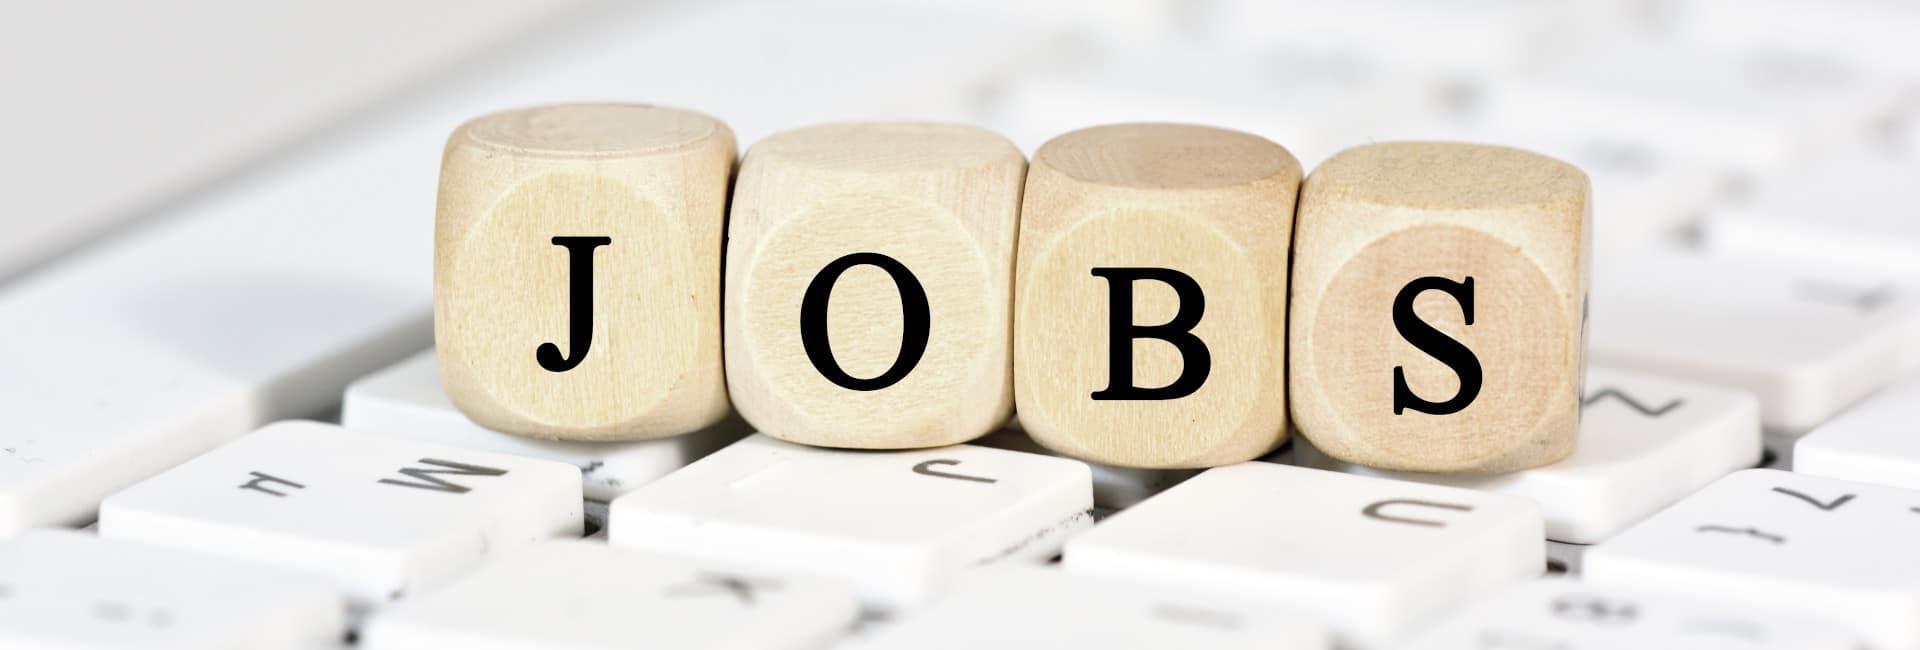 Jobs Prototec bewerben